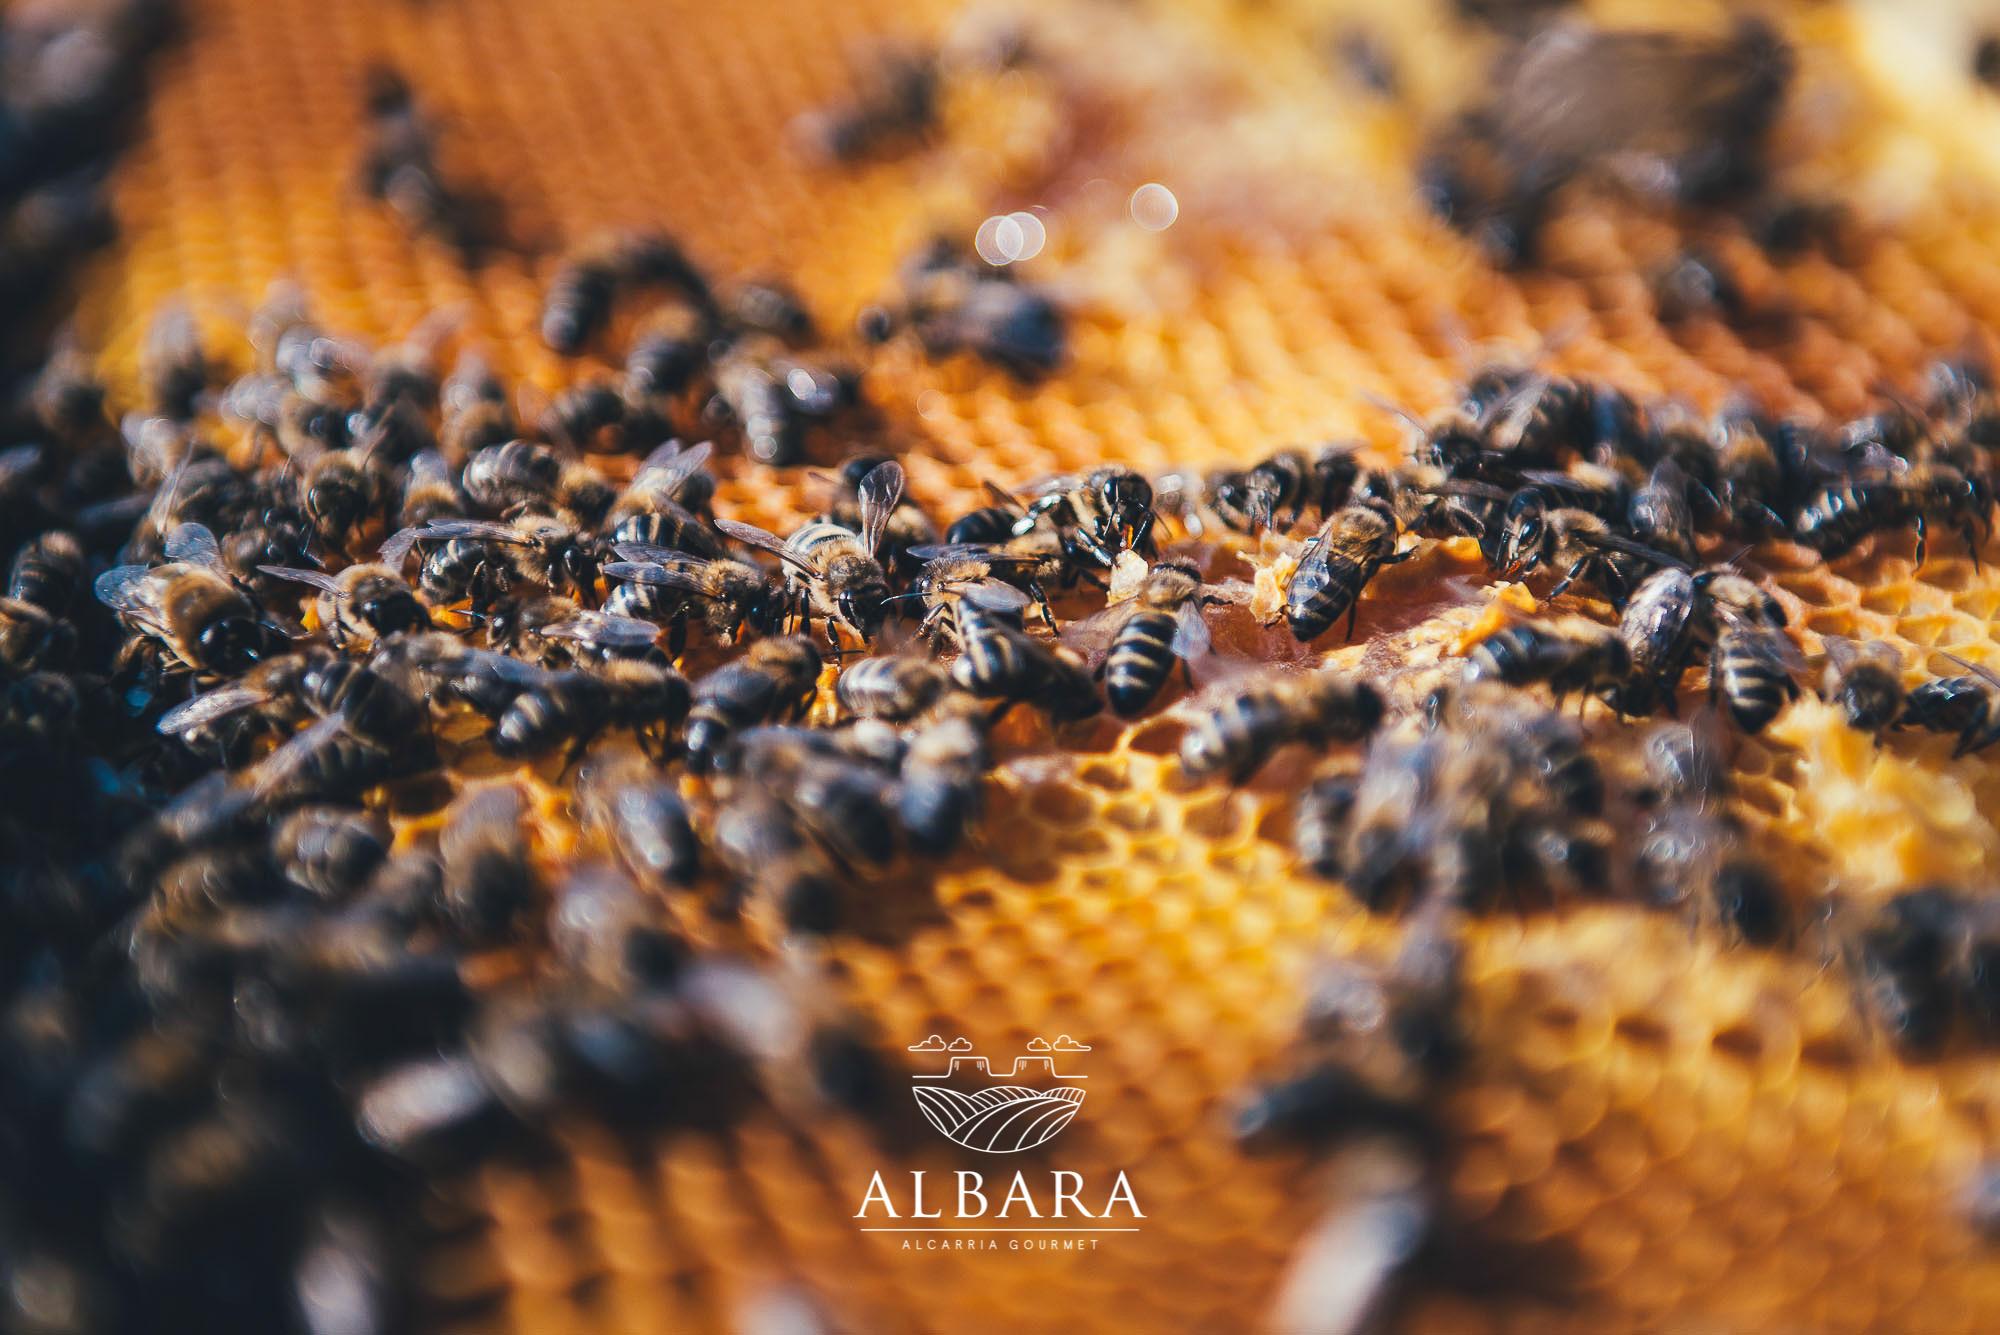 albara_11jpg